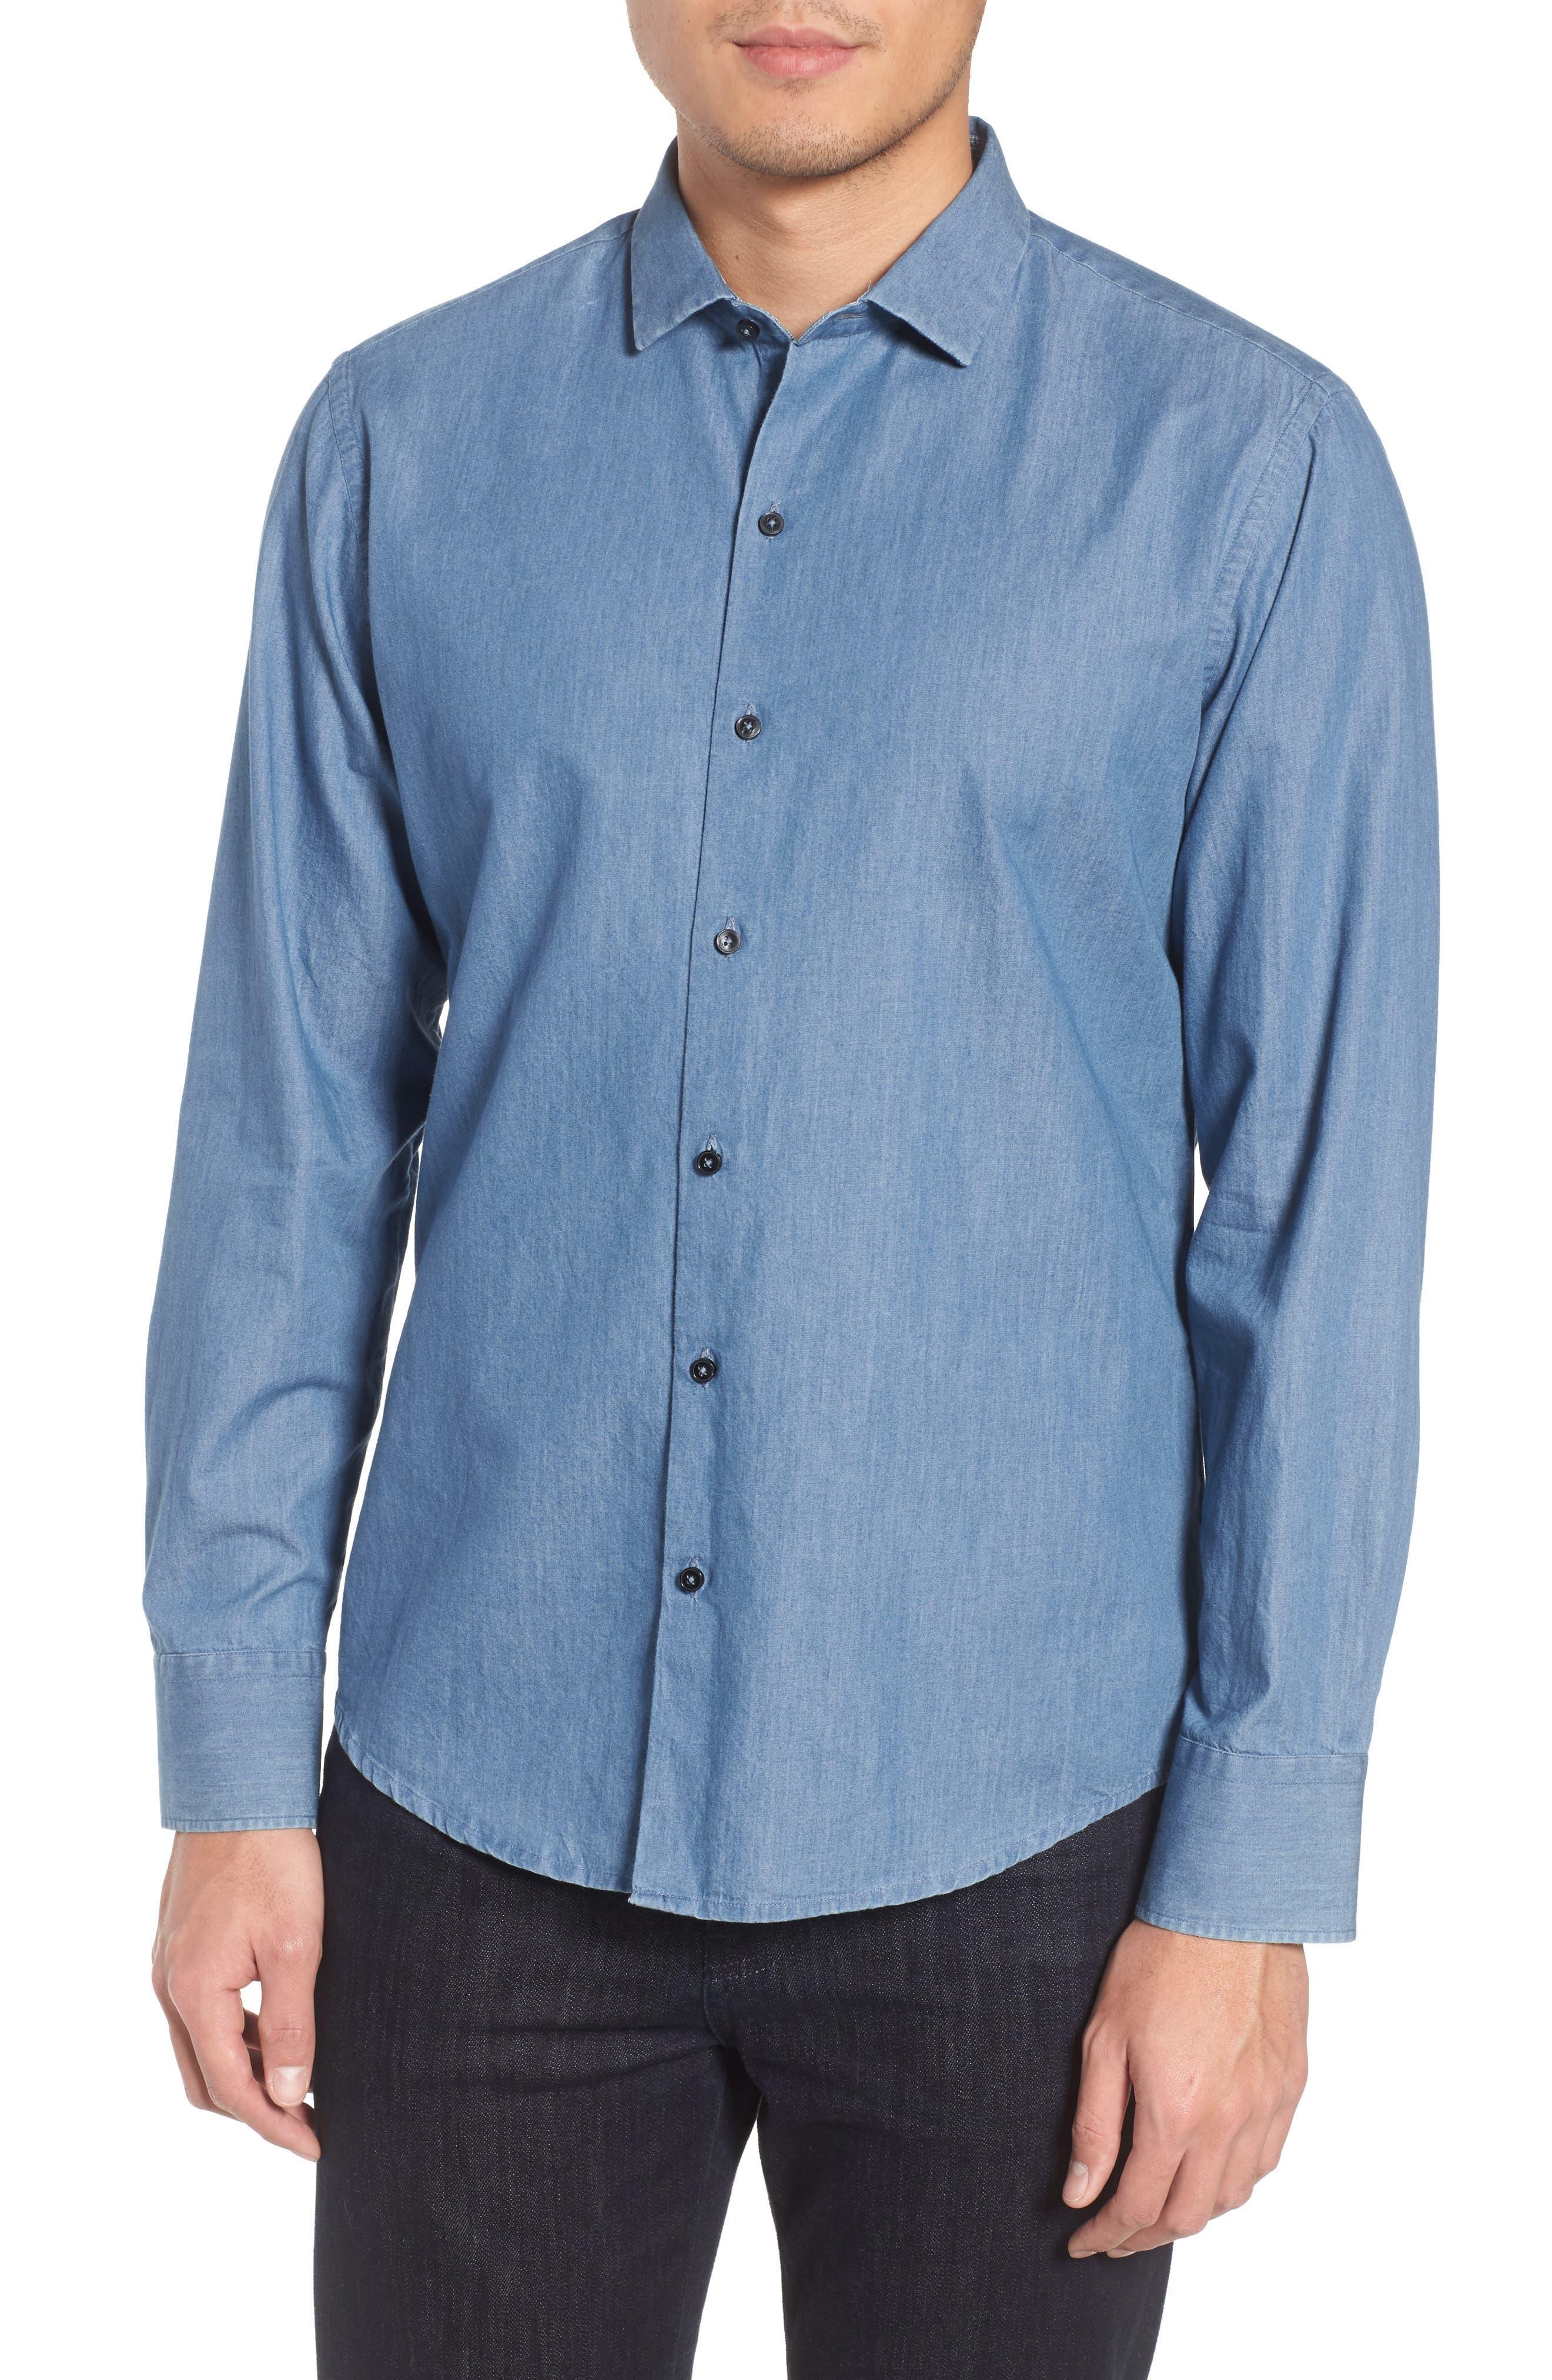 Raider Denim Sport Shirt,                         Main,                         color, Denim